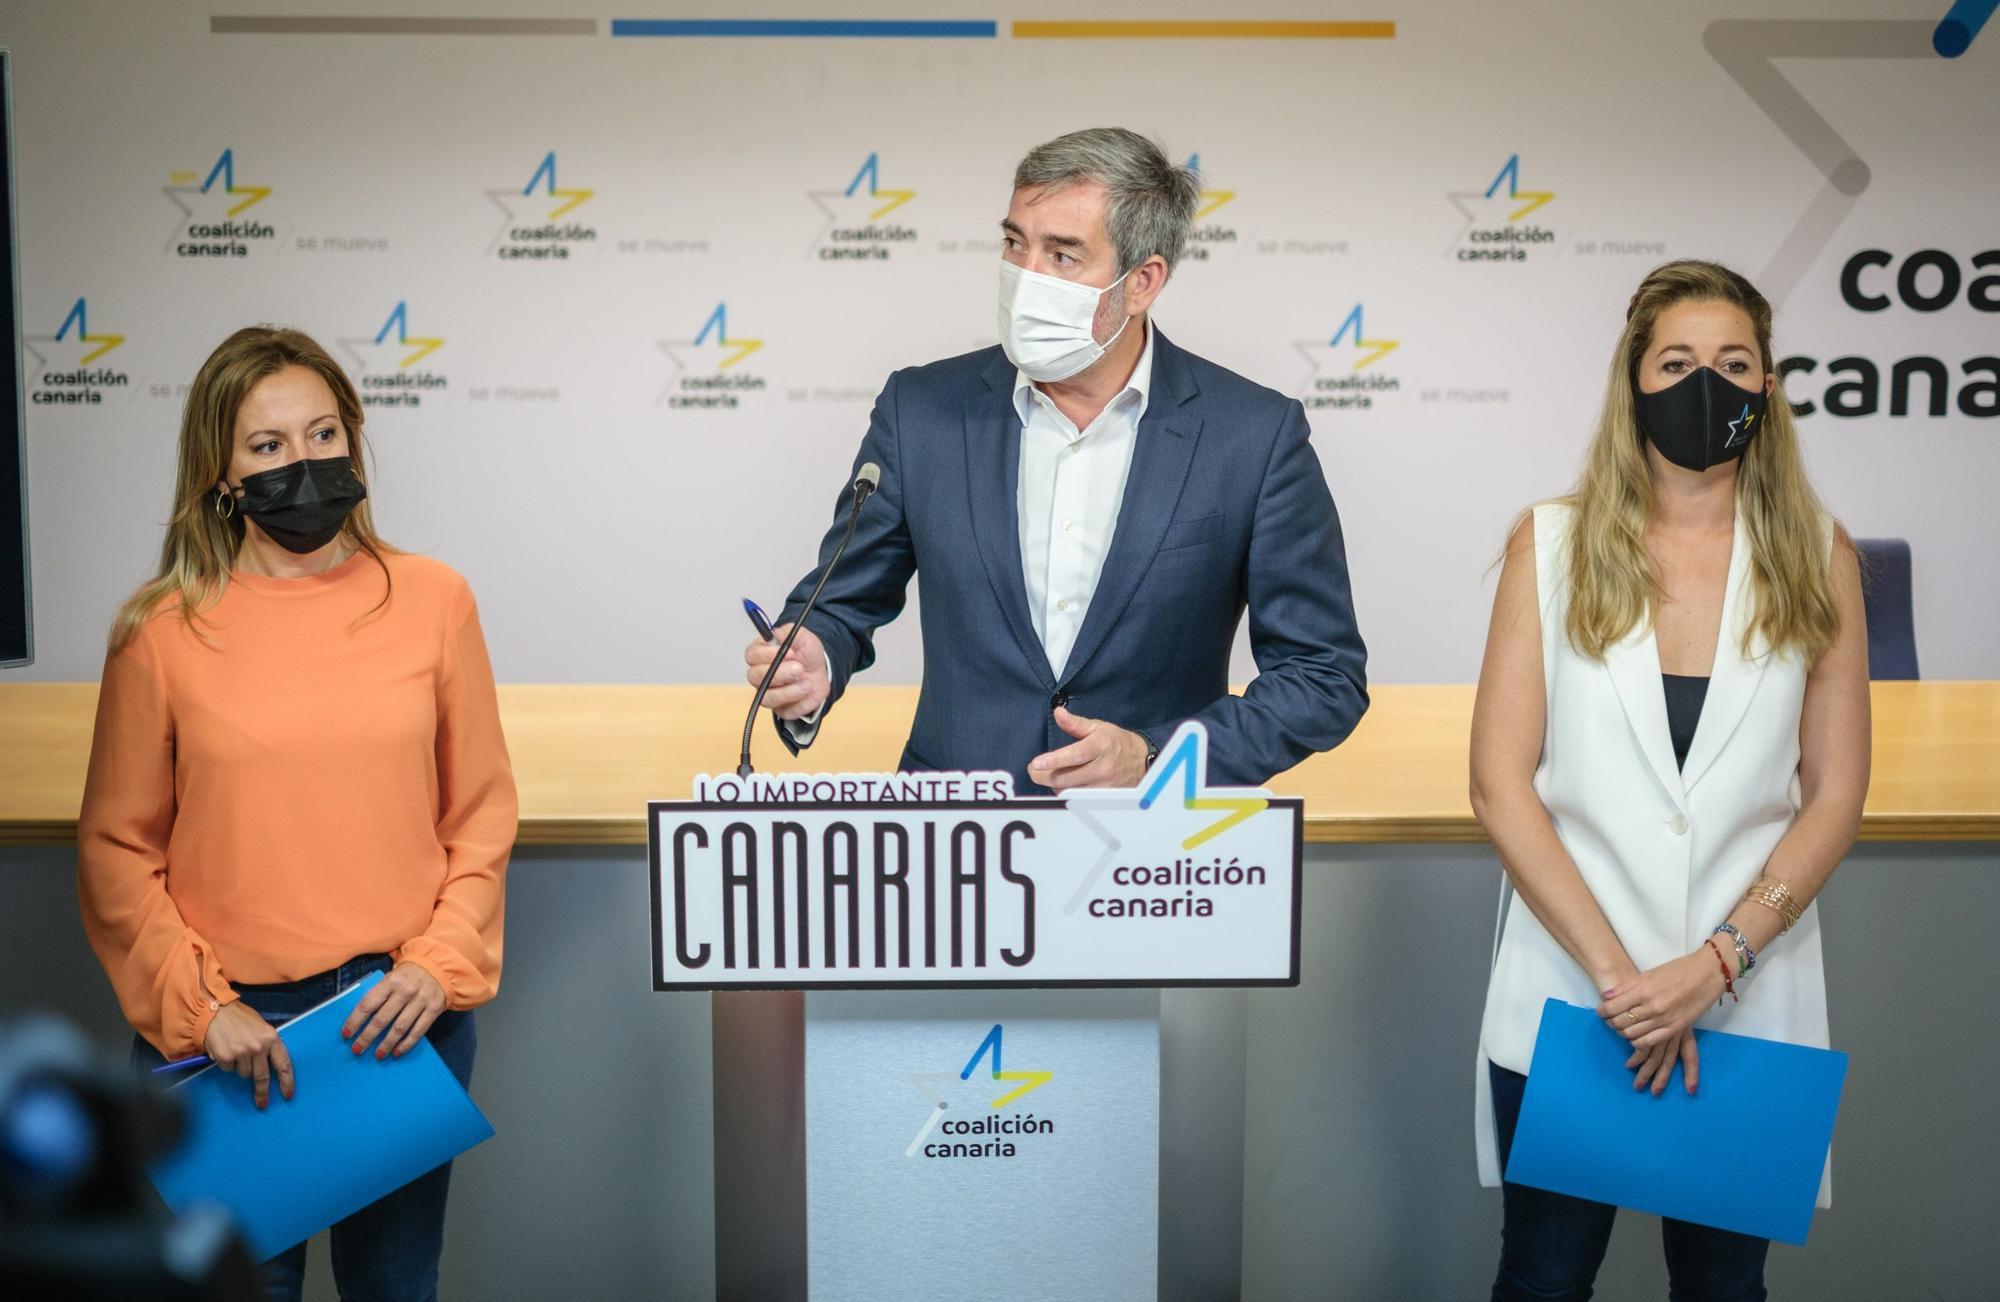 Rueda de prensa de Clavijo, Dávila y Meseguer en la que anuncian las acciones que llevarán a cabo los nacionalistas tras conocer las modificaciones del REF